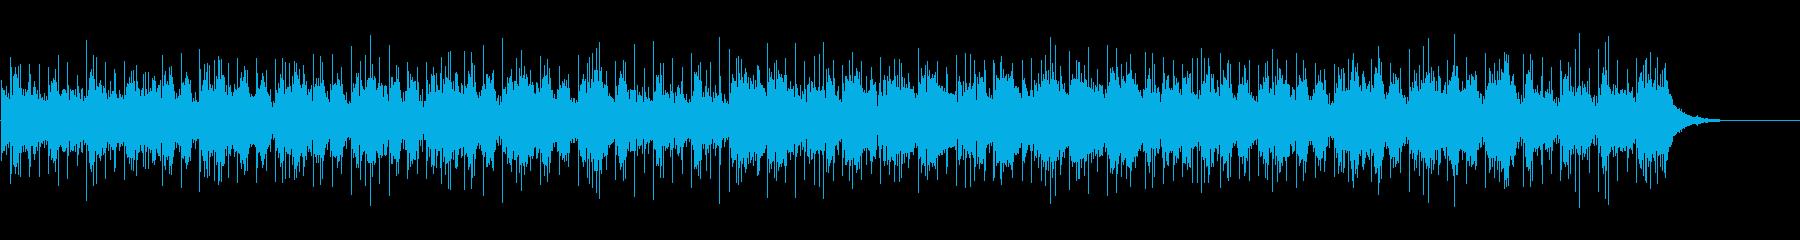 軽快でまどろんだ感じのワウギターポップスの再生済みの波形